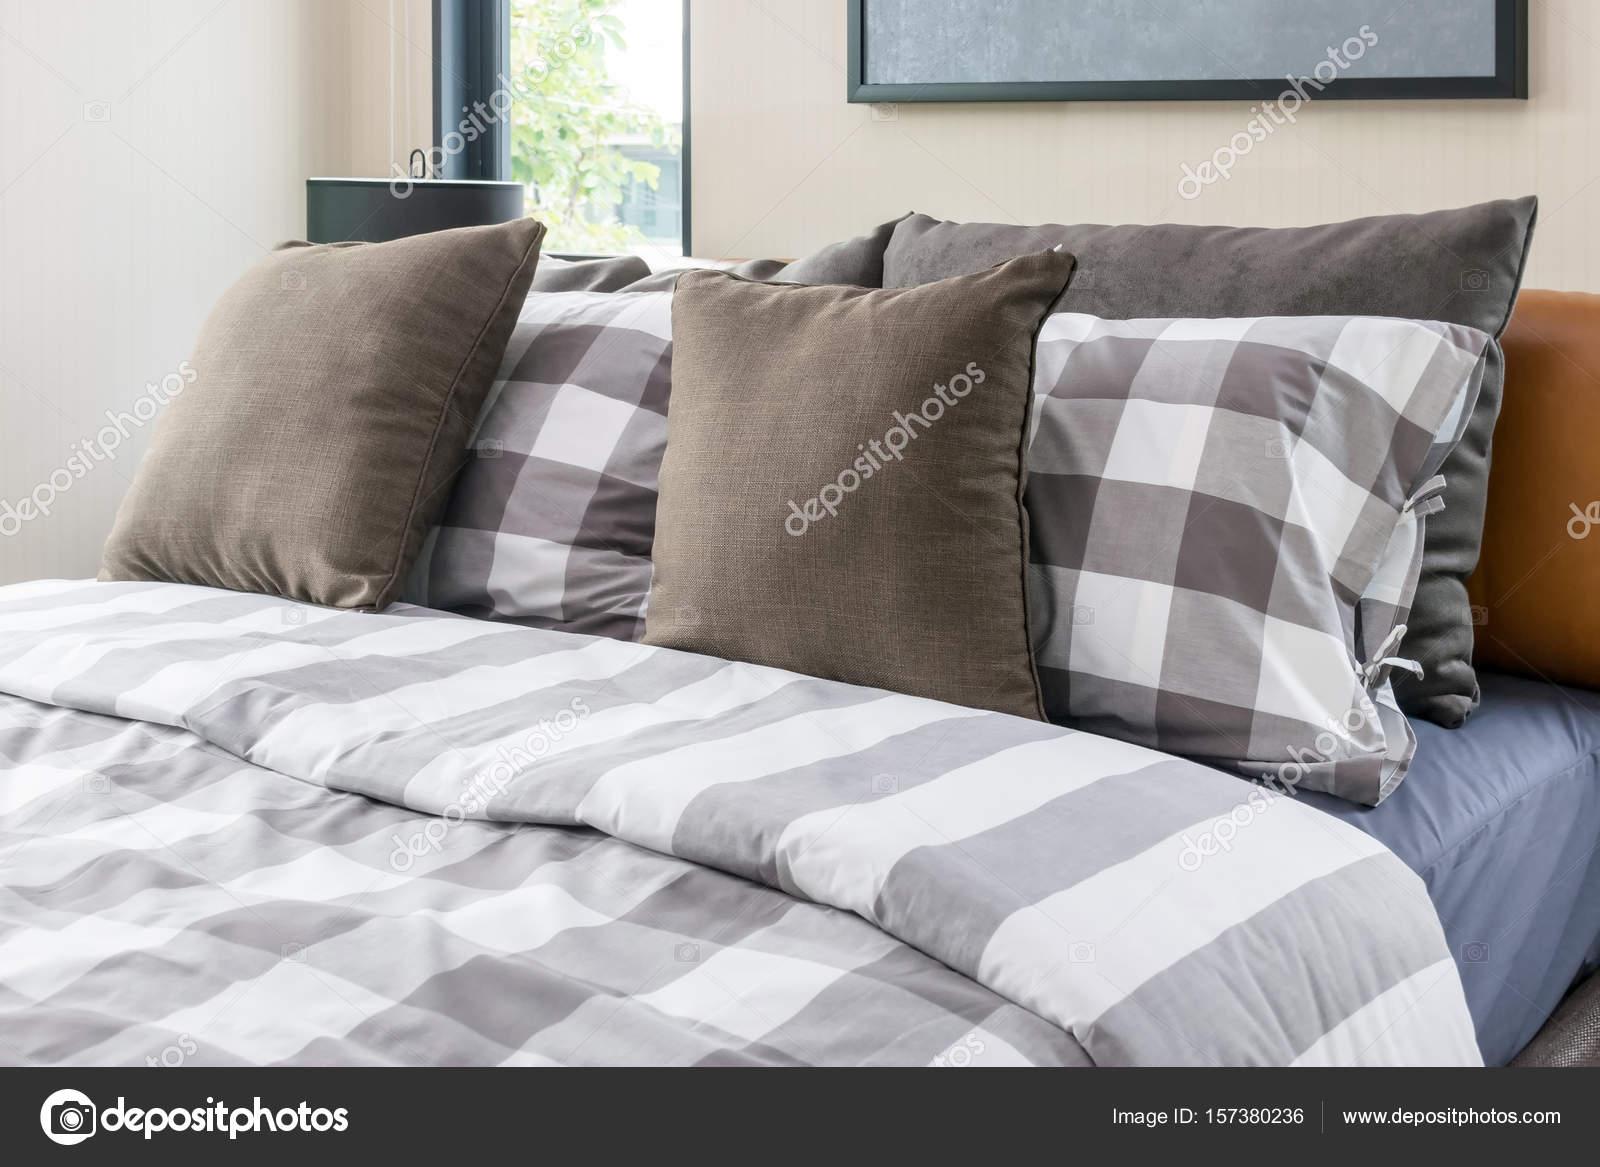 Letto e cuscini marroni in camera da letto moderna — Foto ...